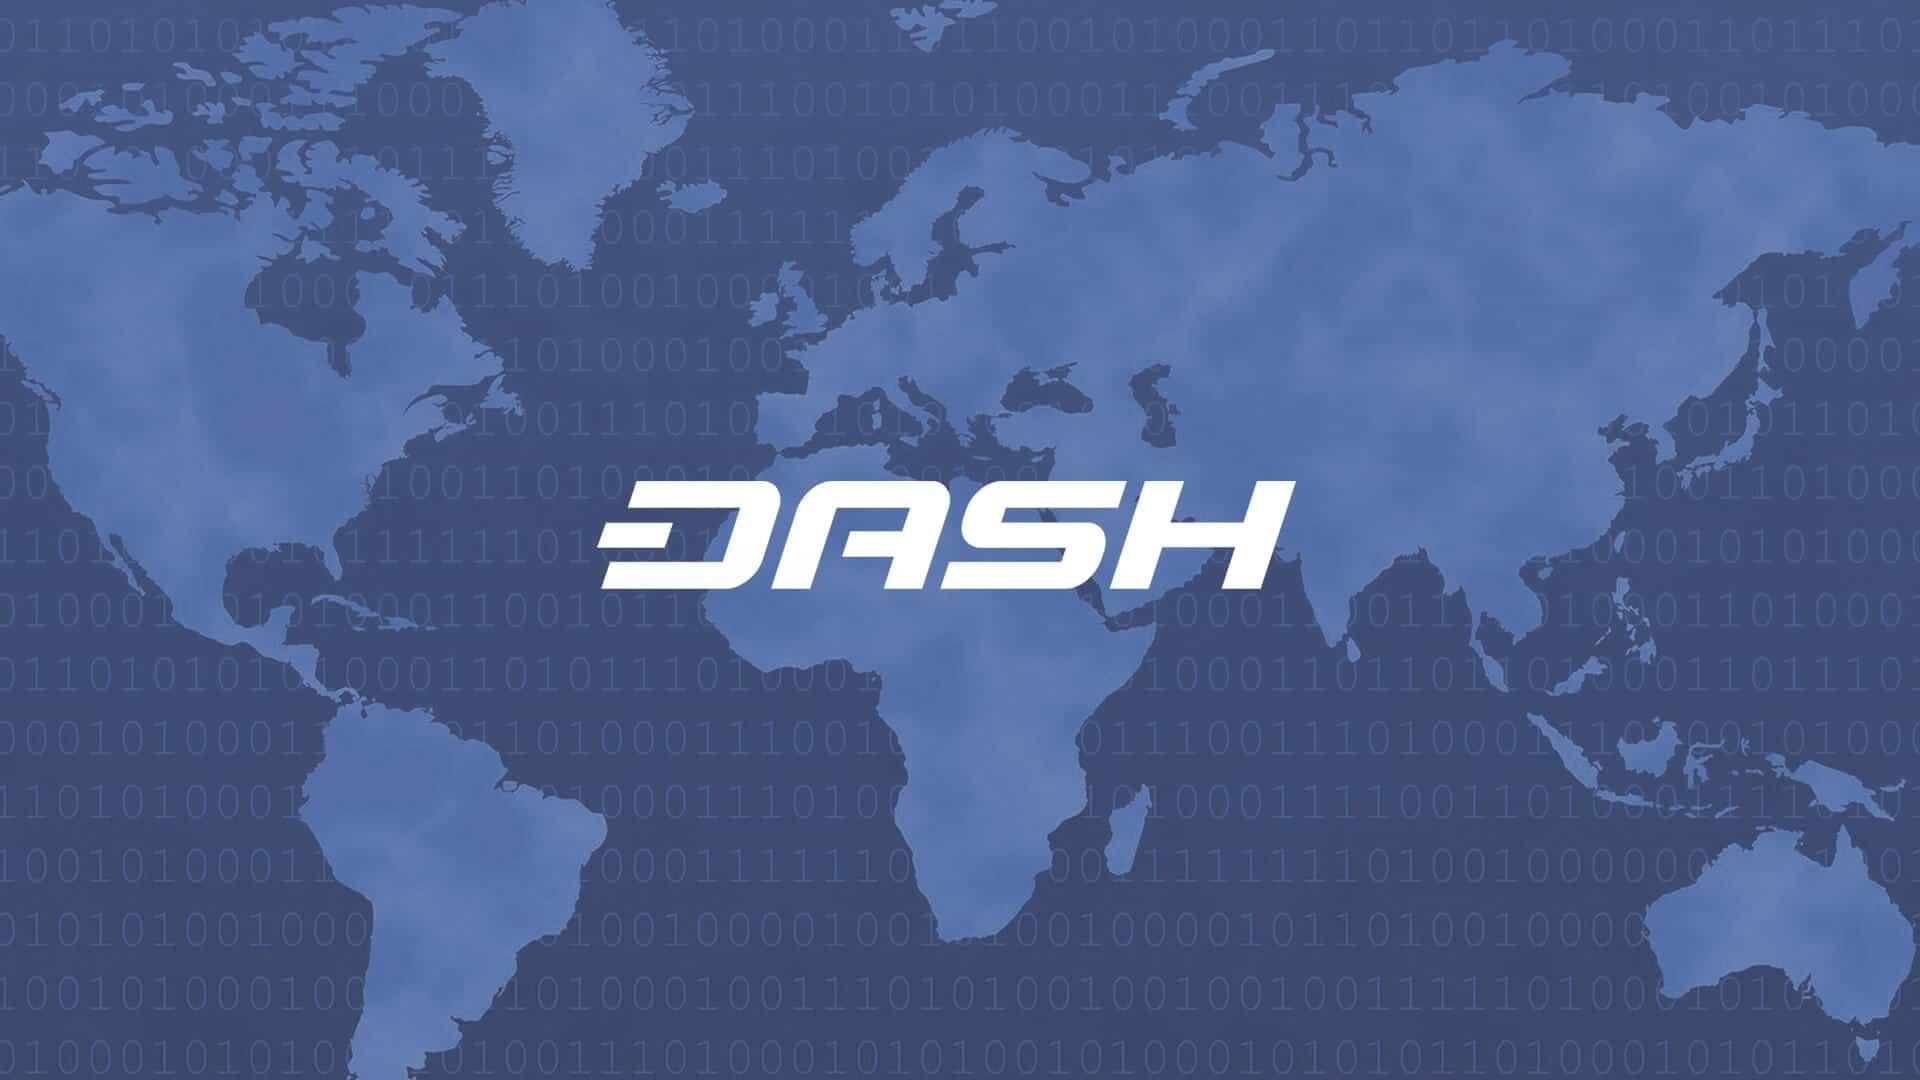 Dash, Kryptowährung für Privatsphäre und Anonymität, Digital Cash